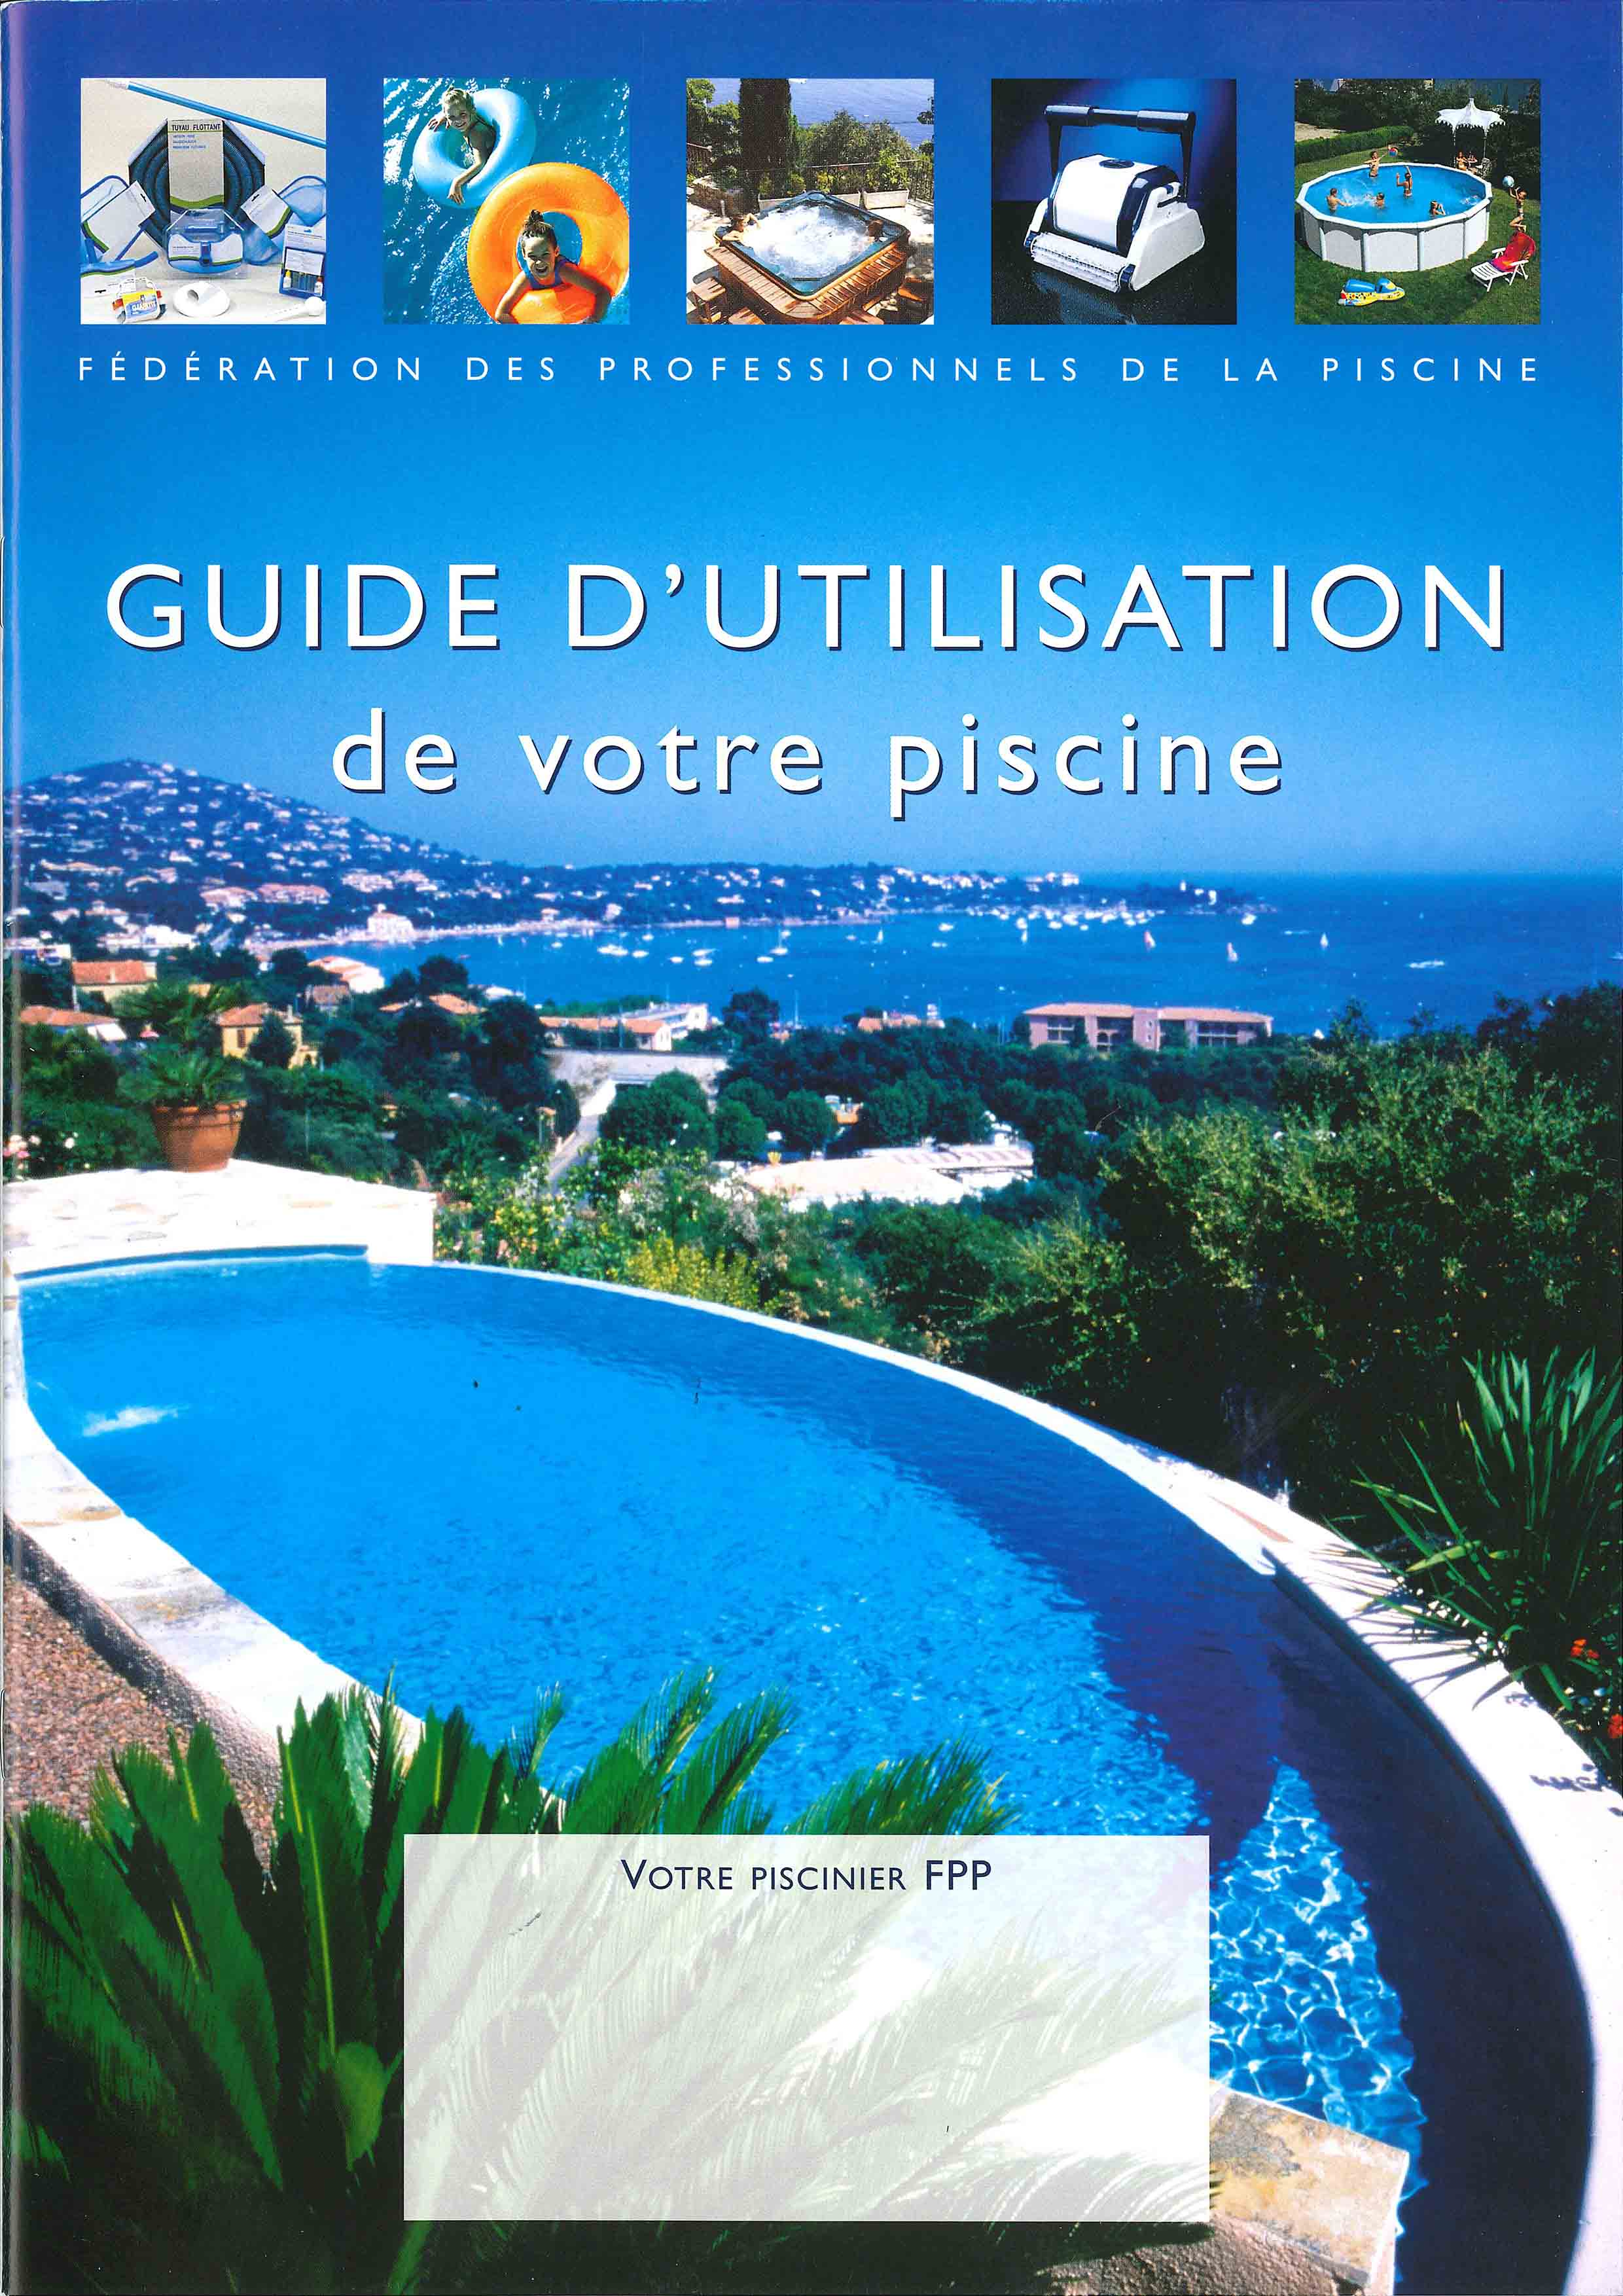 Guide d'utilisation de la piscine édité par la FPP